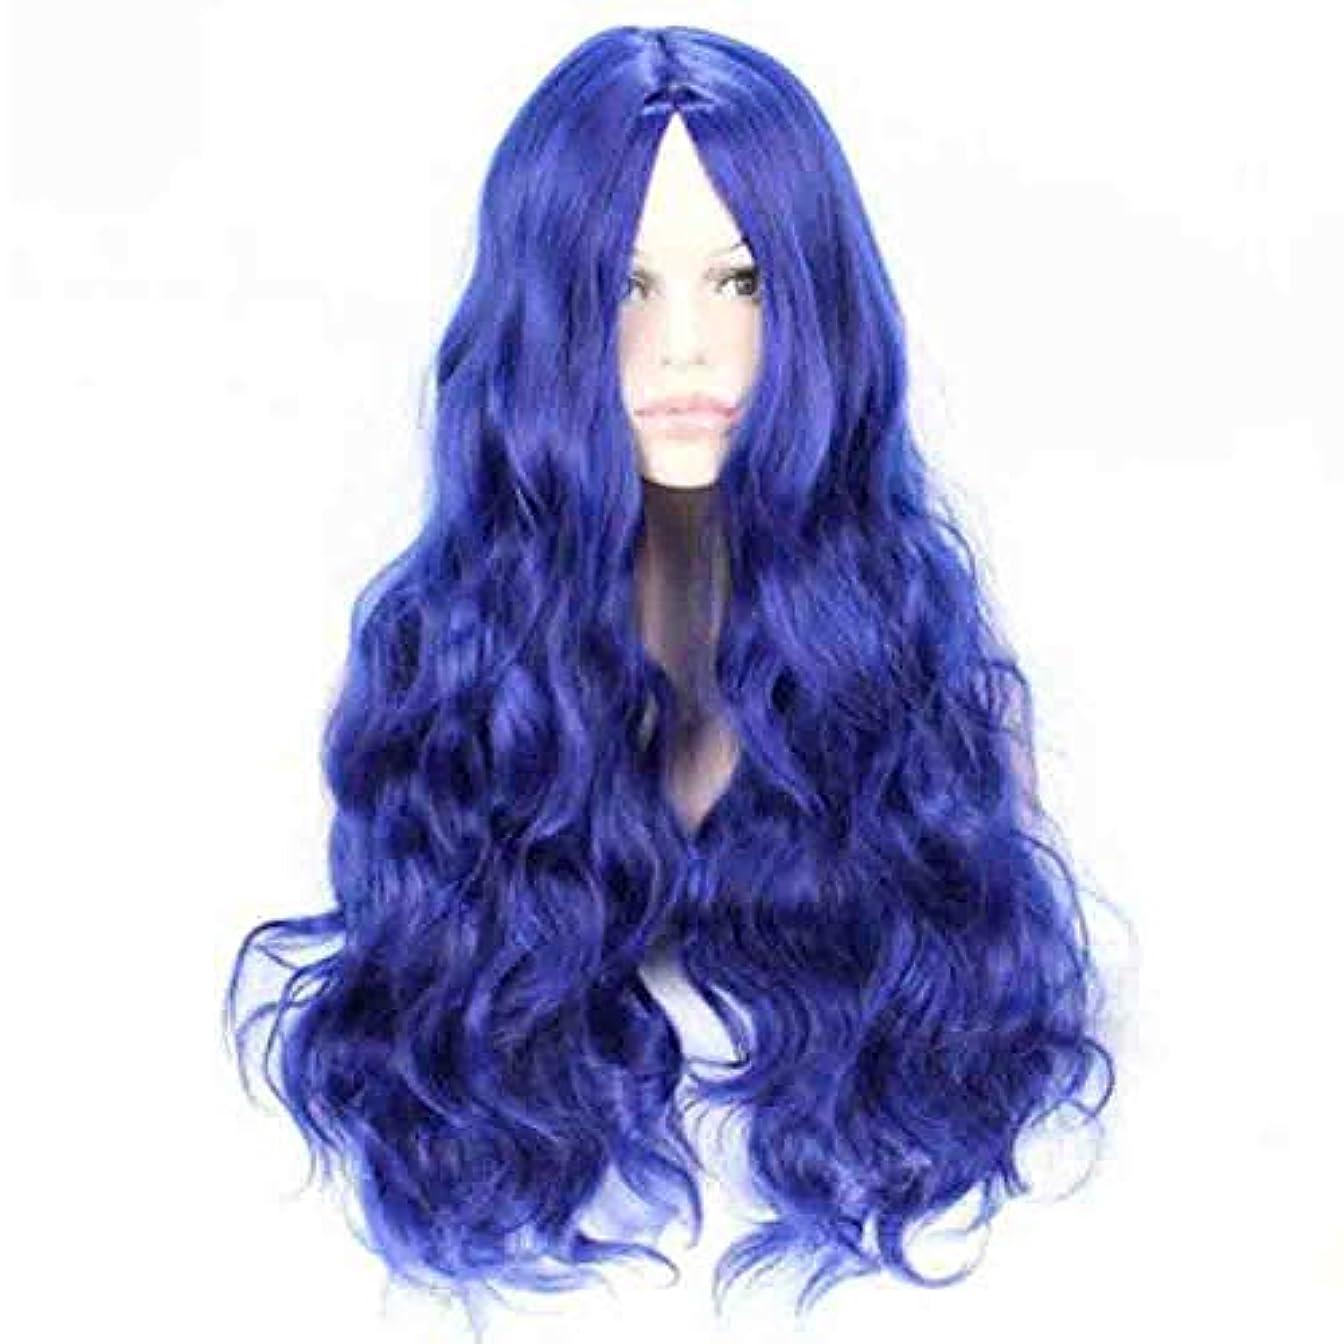 ポーズ広く相反する女性のための色のかつら、ポニーテールのロリータカーリーコスプレウィッグ、高密度温度合成ウィッグコスプレヘアウィッグ、耐熱繊維ヘアウィッグ